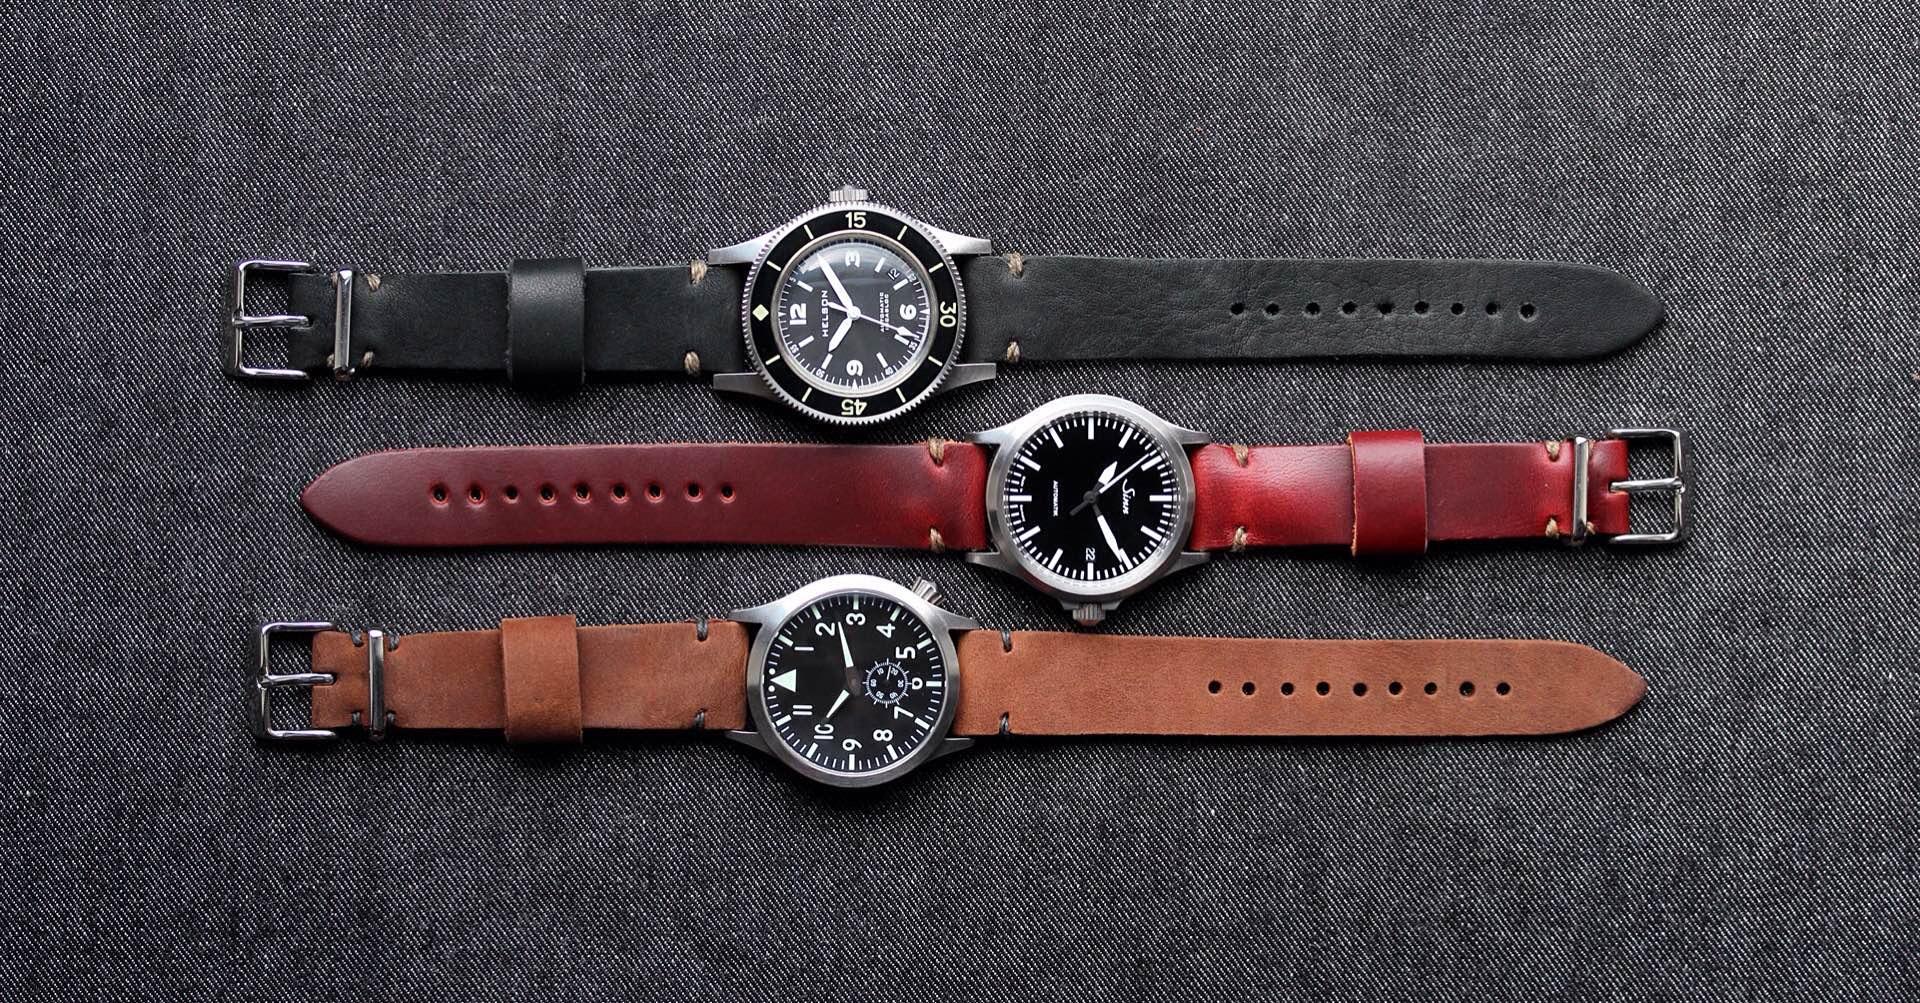 Worn & Wound's Model 2 Watch Straps. ($59)